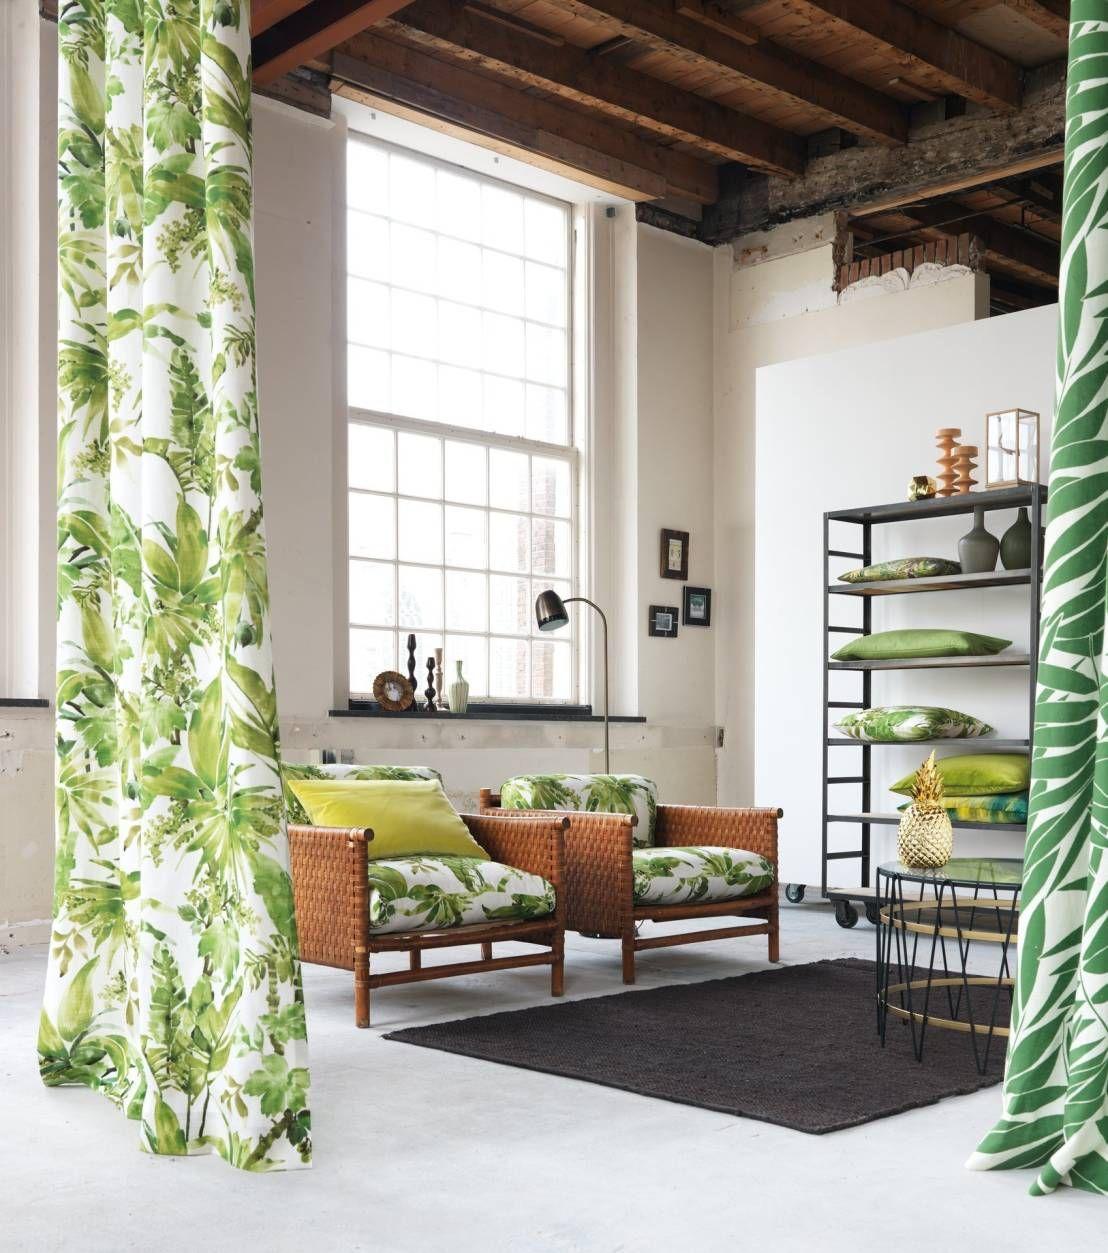 tropisch einrichten exotische wohnideen f r euer zuhause fernweh pinterest vorh nge. Black Bedroom Furniture Sets. Home Design Ideas